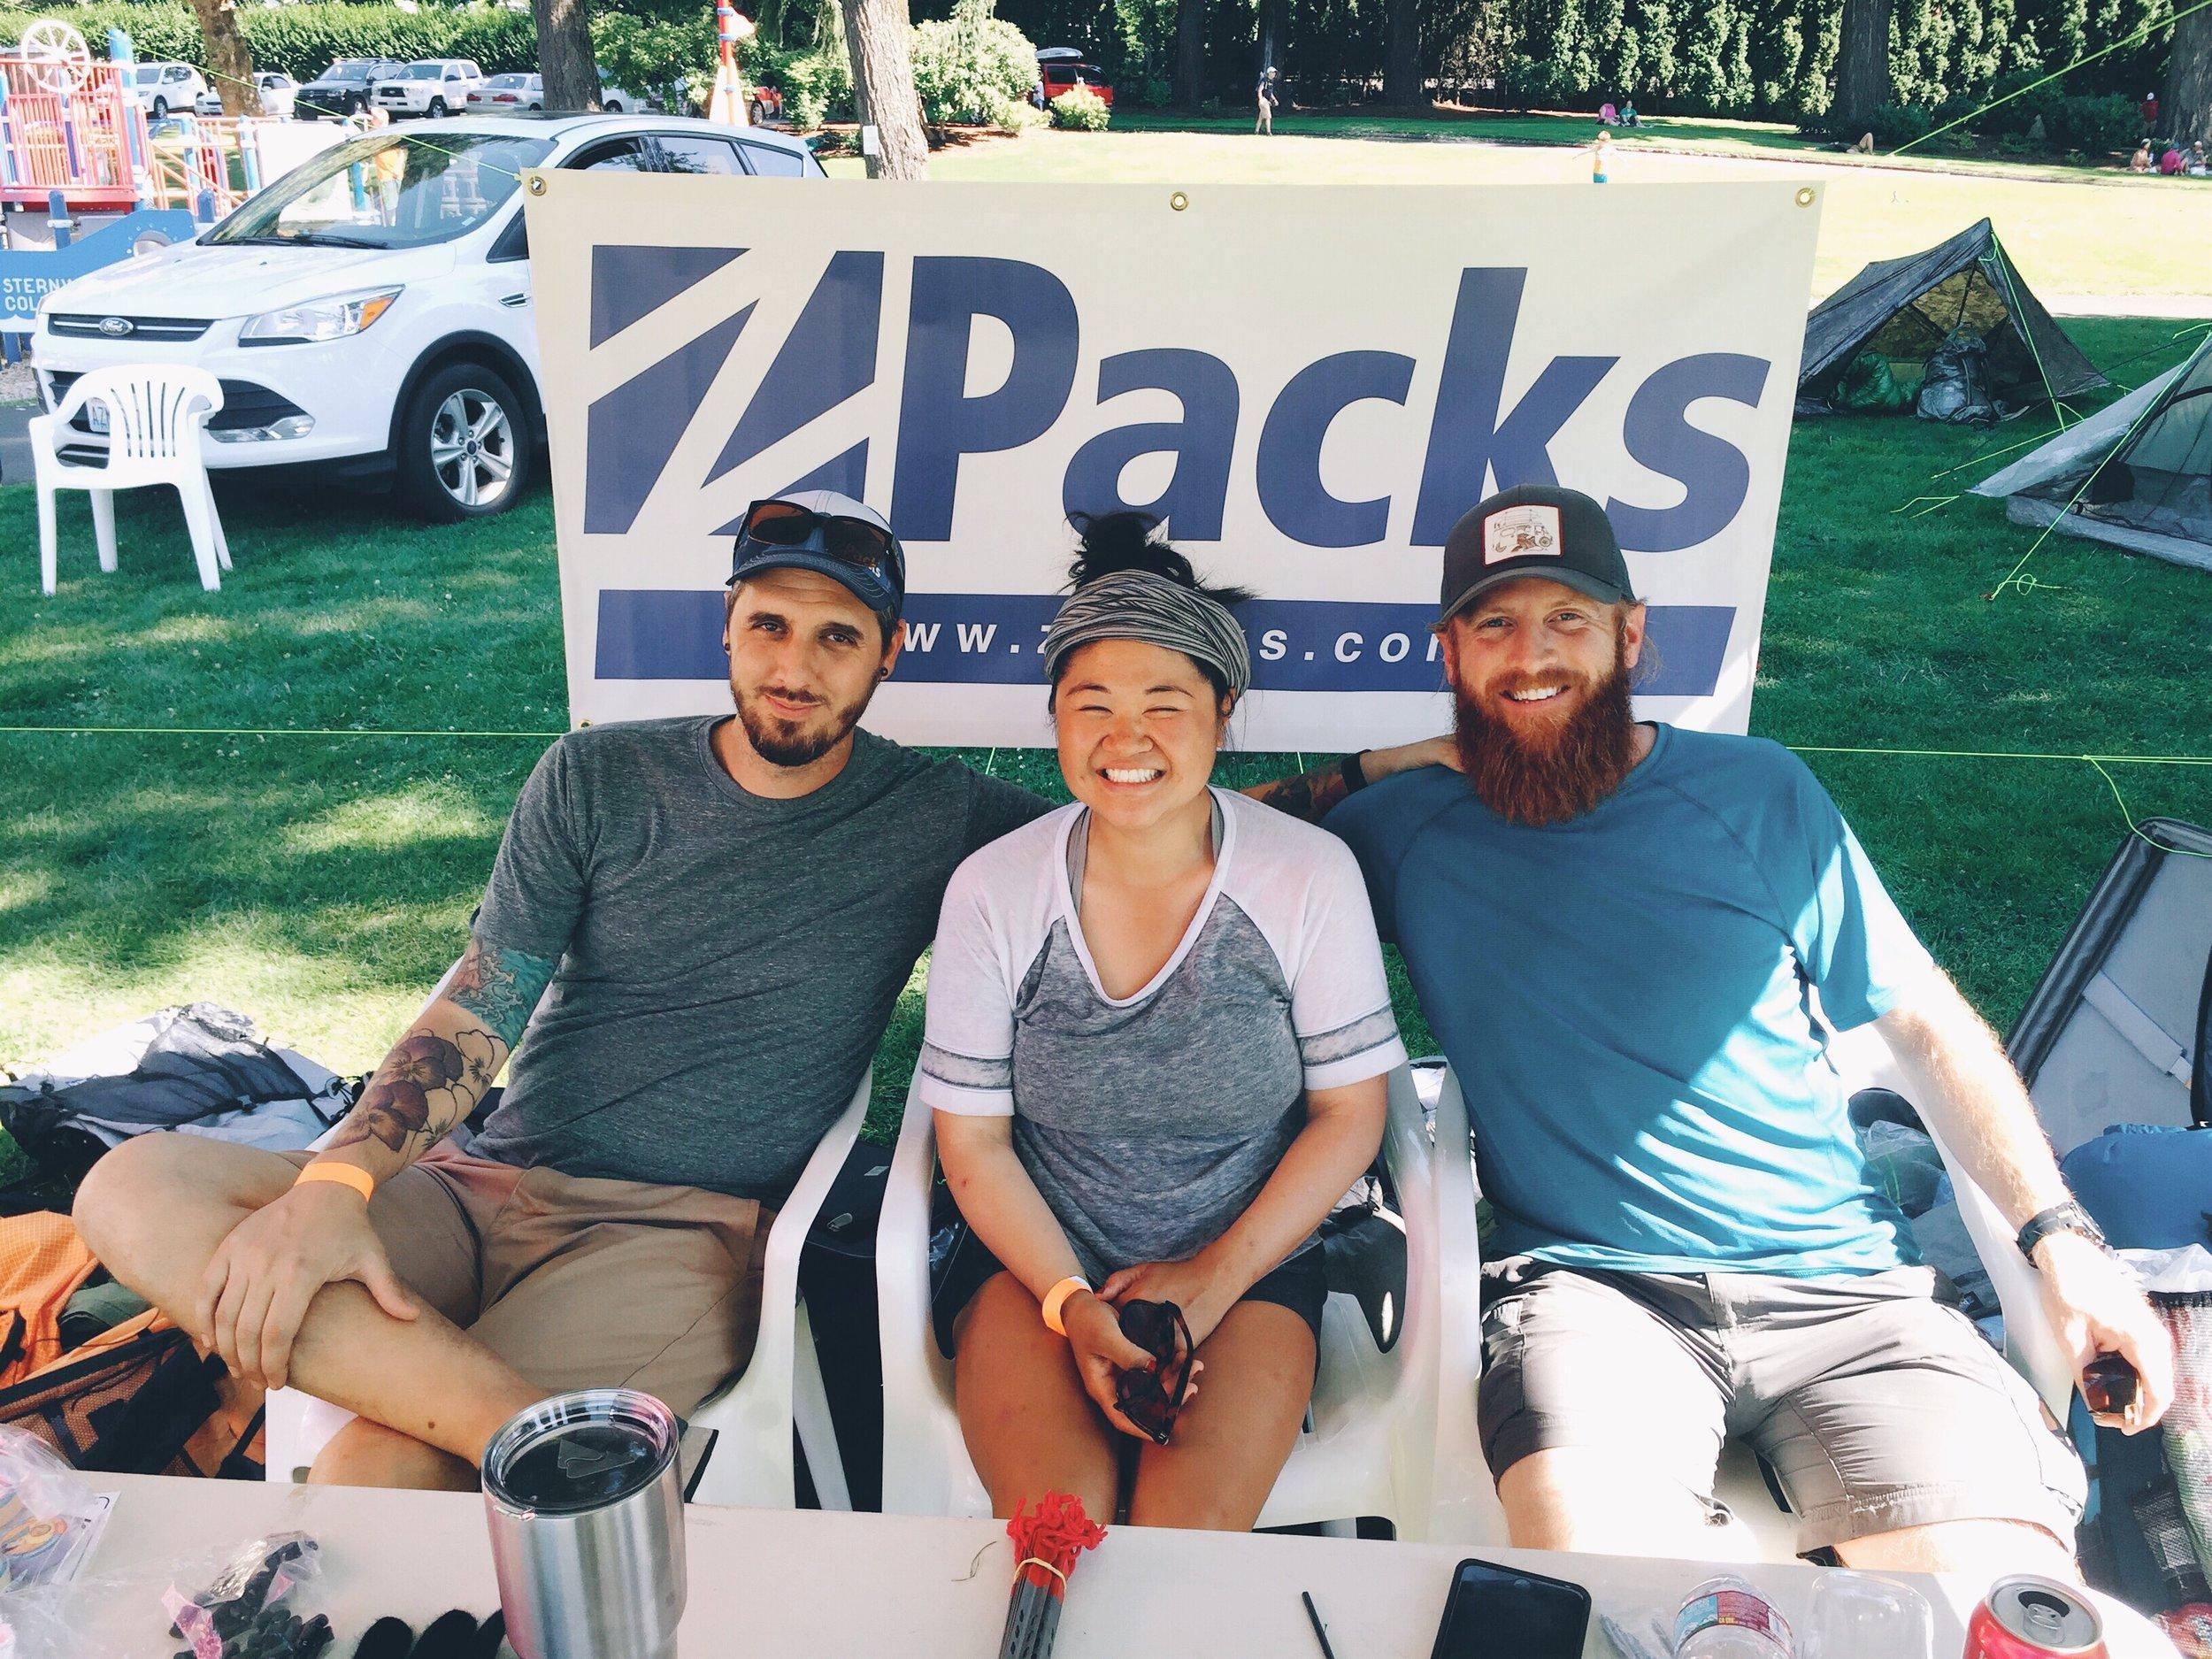 Matt and will from Zpacks.